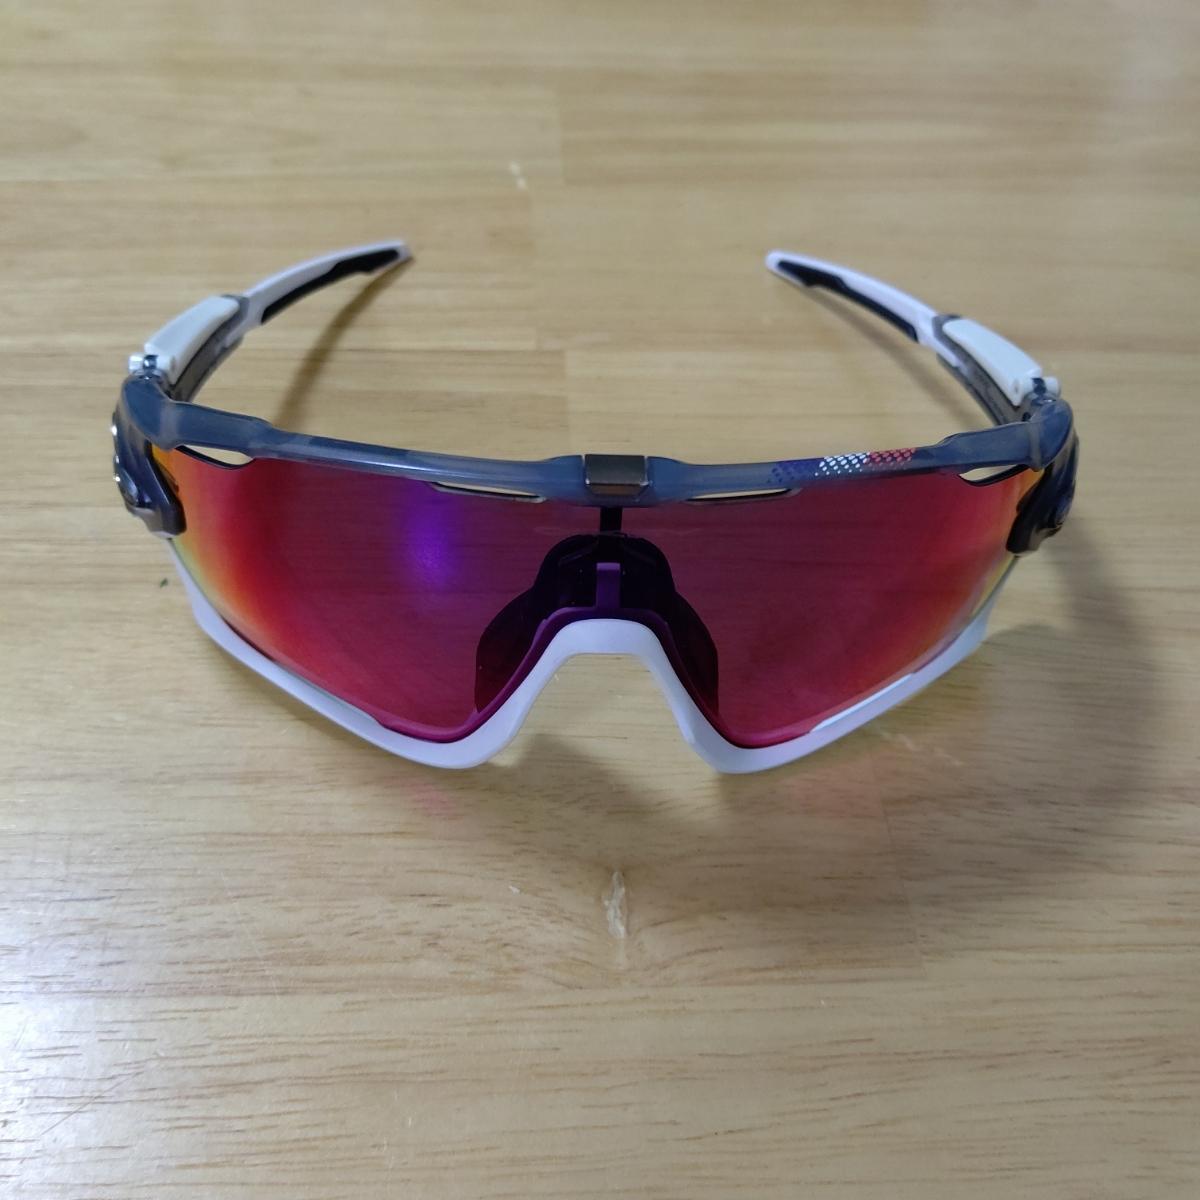 【送料無料】OAKLEY オークリー JAWBREAKER ツール・ド・フランス限定モデル 交換レンズ付き【中古】